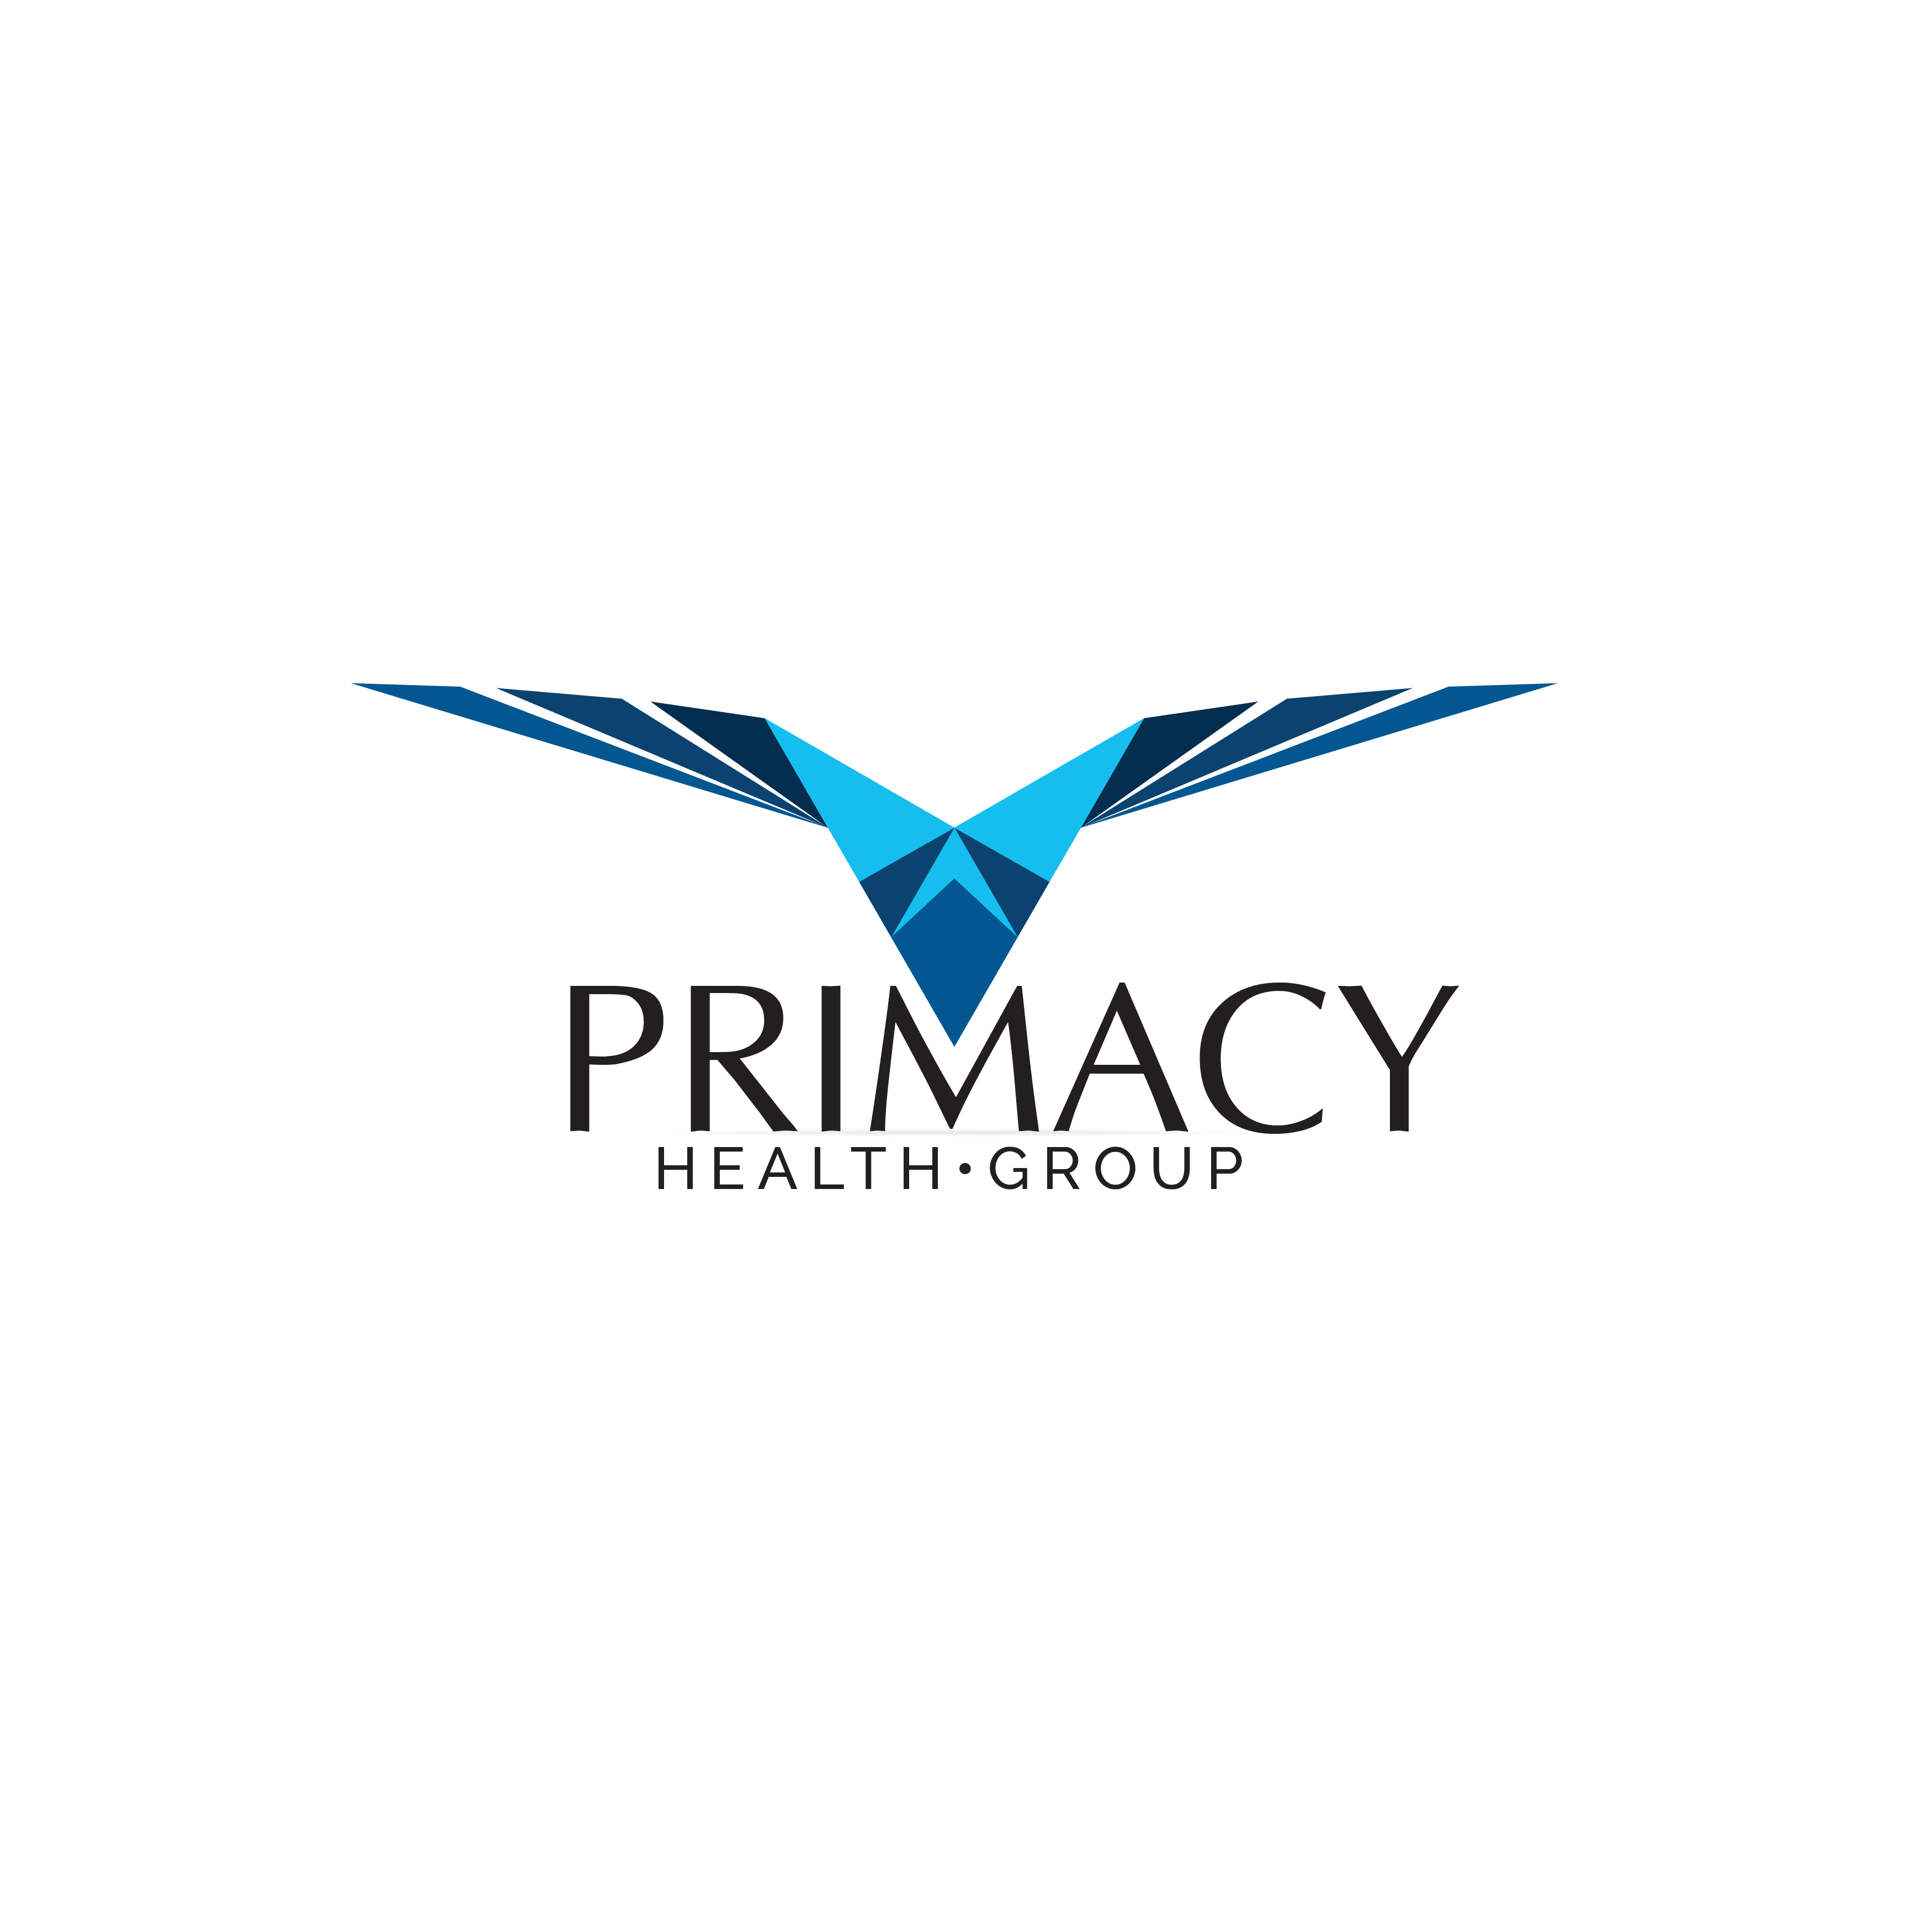 primacylogo